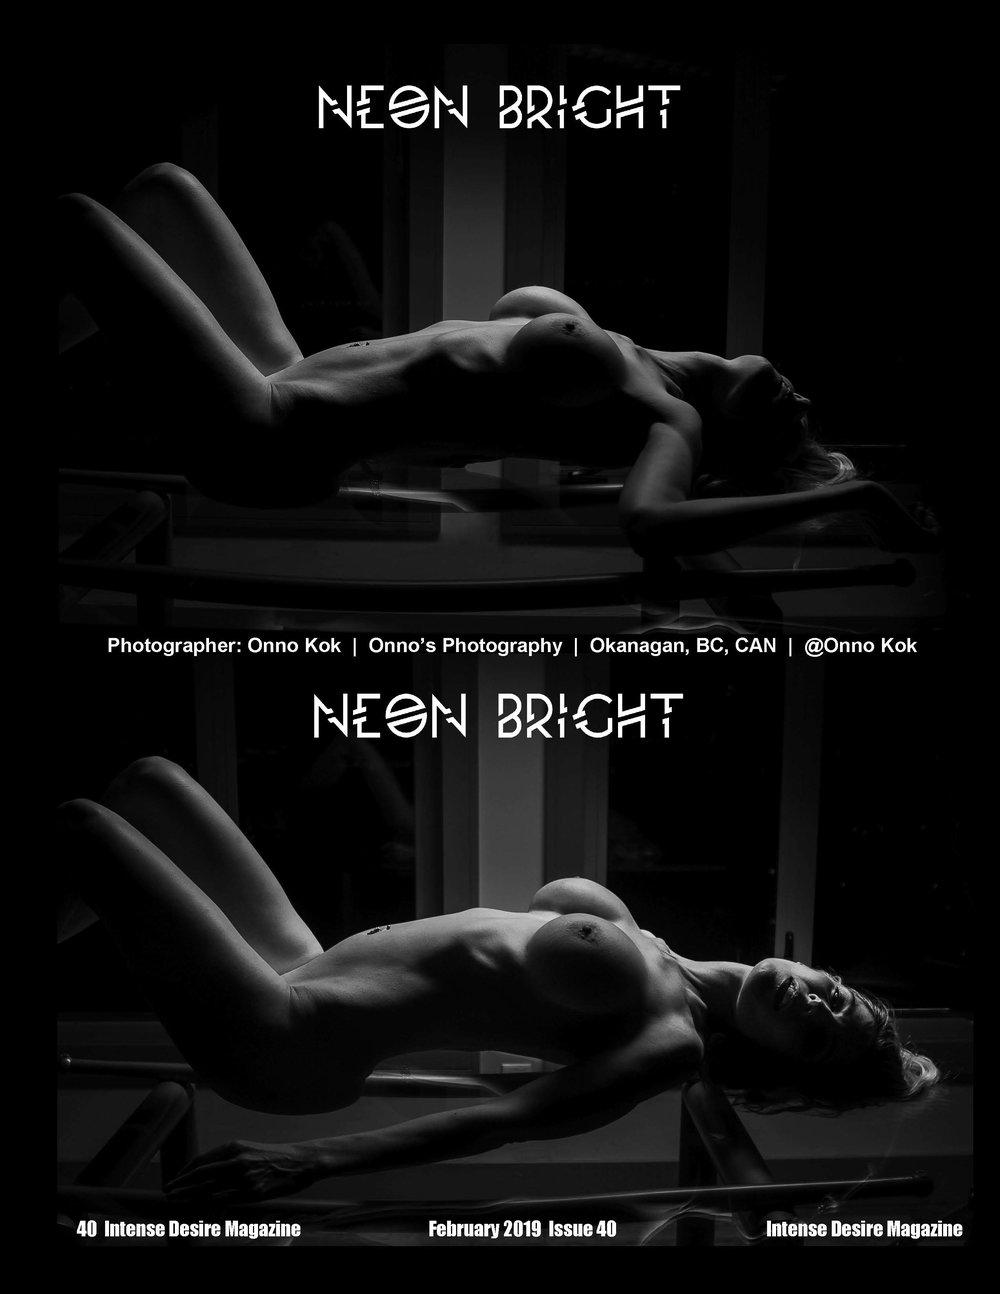 Model Neon Bright